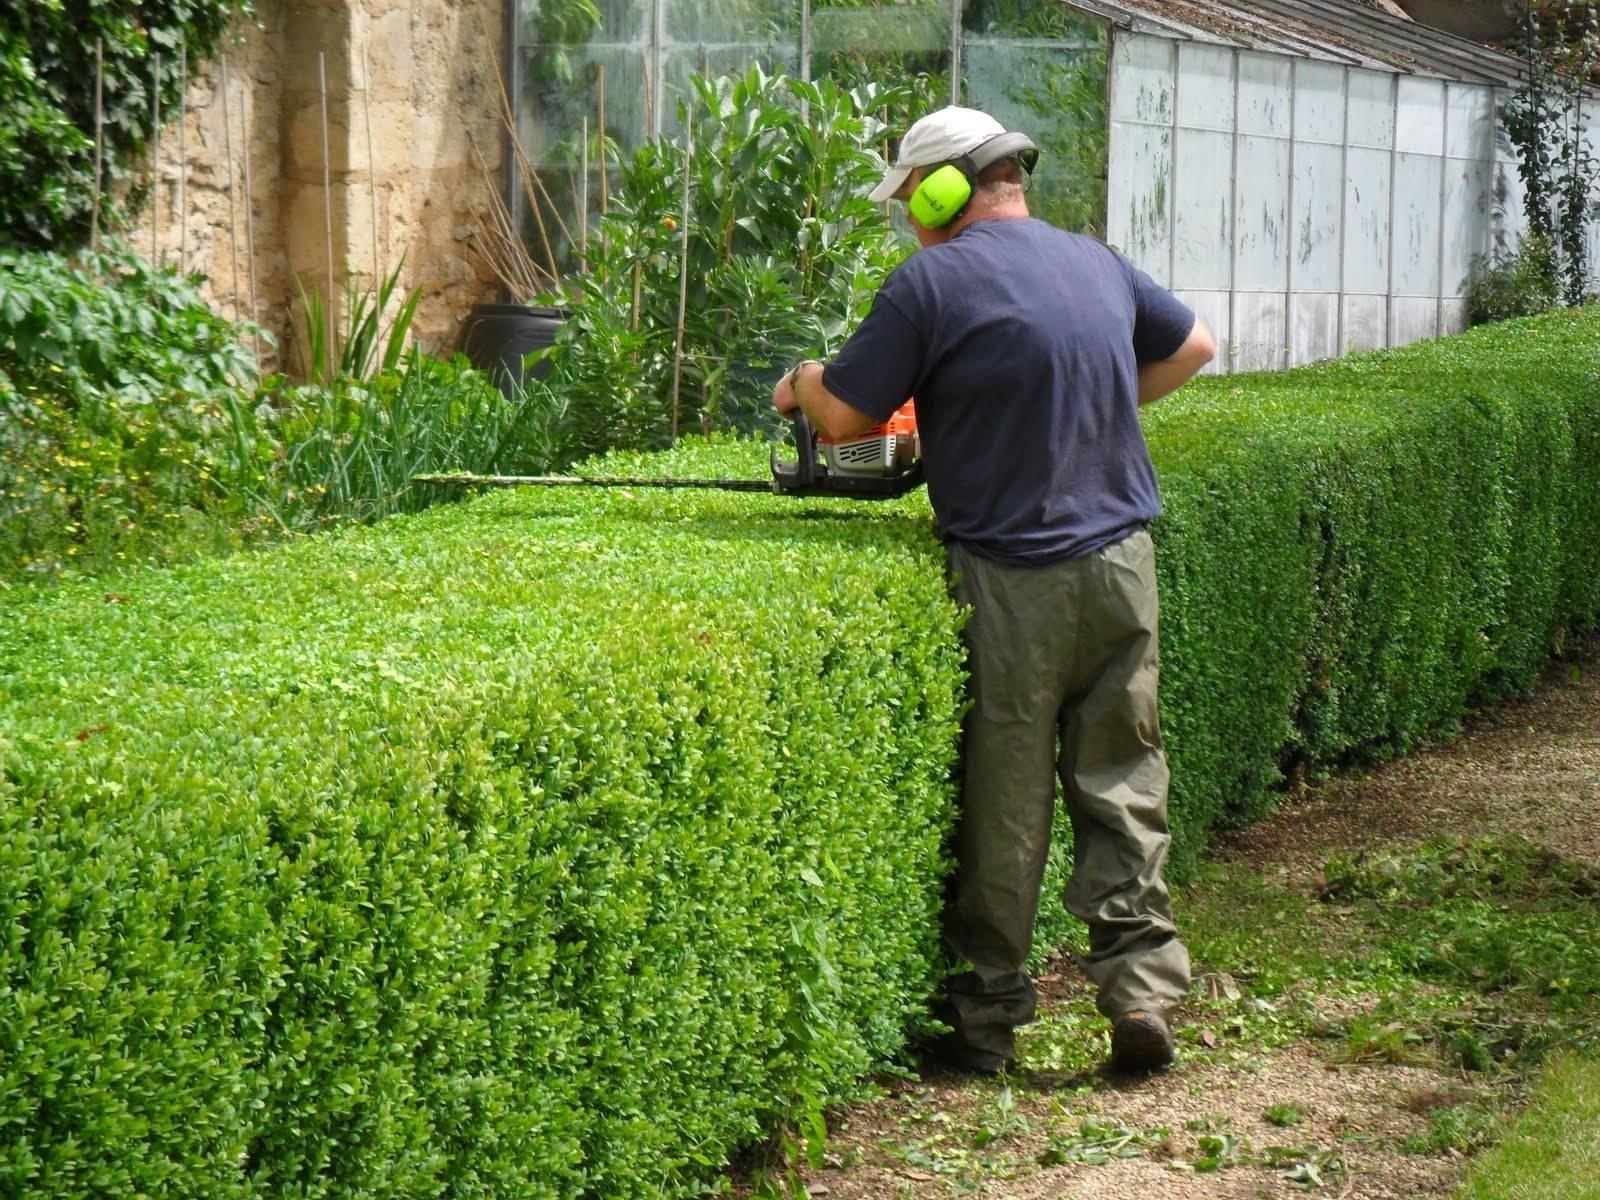 Tipologie di potatura alberi: quali alberi bisogna potare e quando